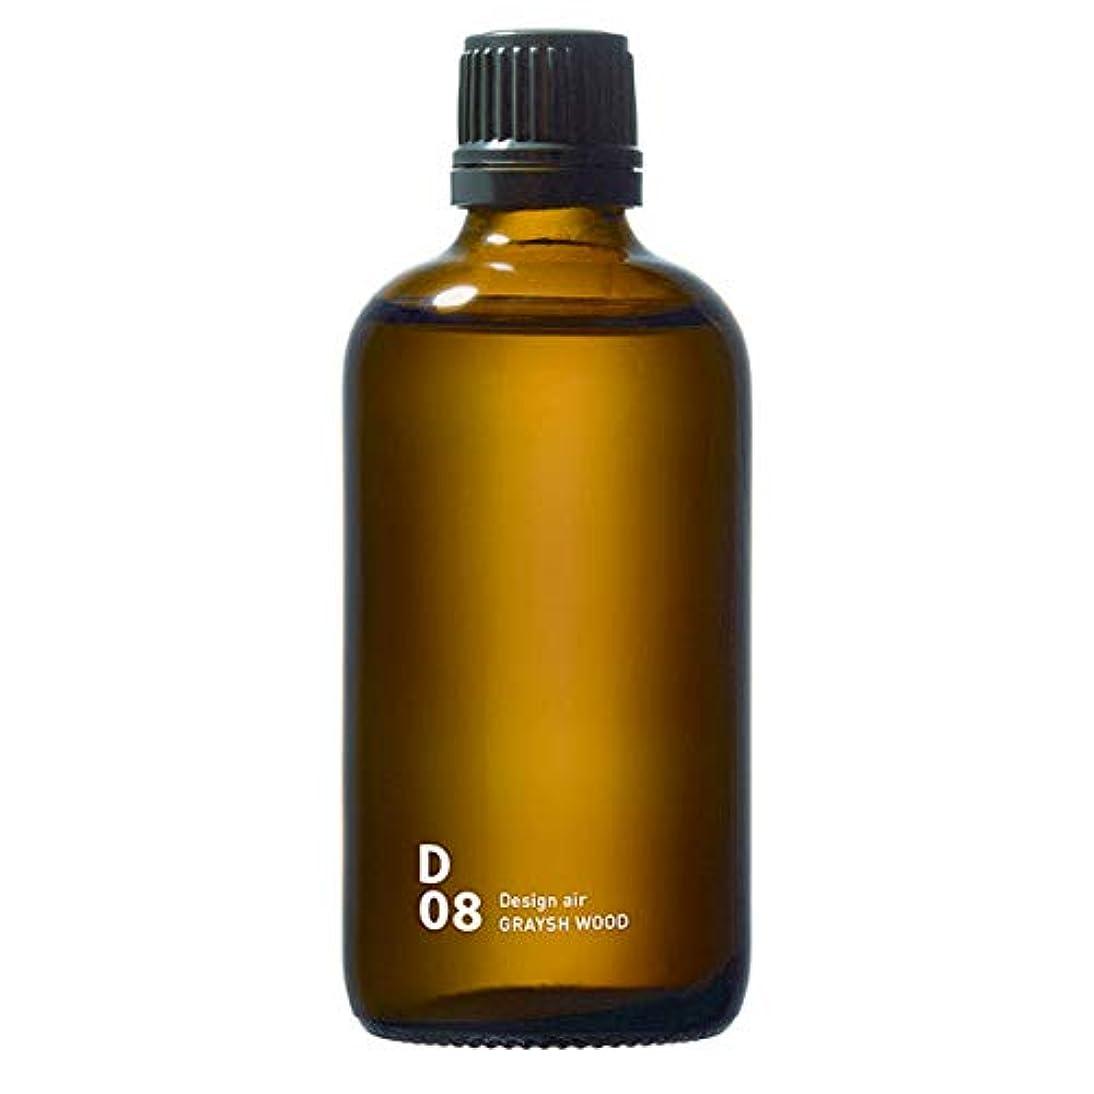 罹患率箱退化するD08 GRAYISH WOOD piezo aroma oil 100ml